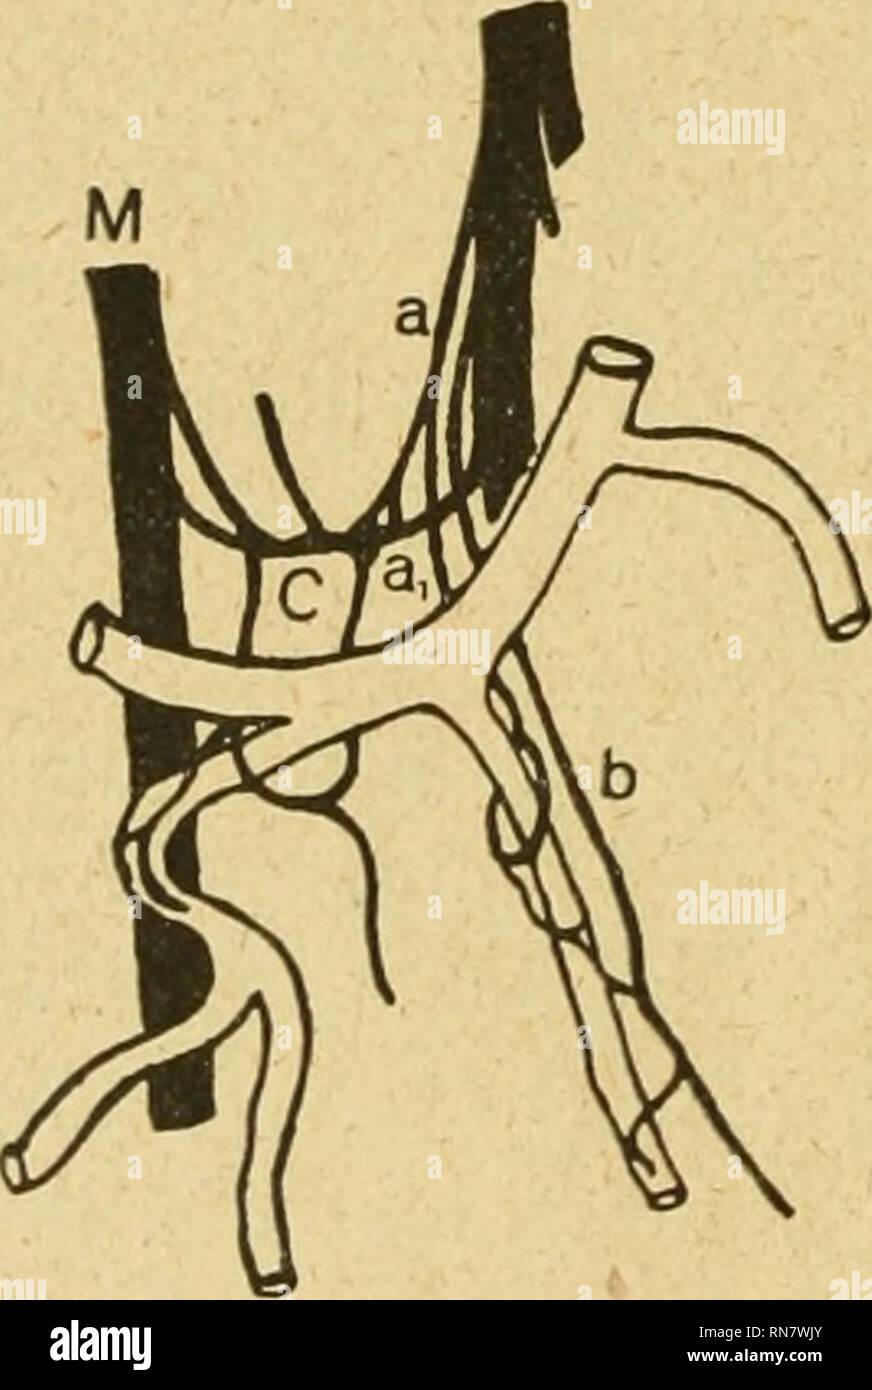 . Anatomischer Anzeiger. Anatomy, Comparative; Anatomy, Comparative. 438 zeigt. Die den 5. und 4. Pinger versorgenden Ulnarisäste sind nicht gezeichnet, da sie nicht in den Bereich des Plexus fallen. Ast a des Ulnaris zweigt unterhalb des Os pisiforme von diesem ab und senkt sich nach kurzem Verlauf gegabelt in Ast c ein, der die Verbindung zwischen Ulnaris und Medianus herstellt. Ungefähr 1 cm oberhalb dieser Einmündungsstelle gibt er einen Ast a^ ab, der über die Anastomose und unter dem Hohlhandbogen hinwegzieht und die Art.dig.vol.com.lv in einer engen, ihrer Wandung dicht anliegenden Masc - Stock Image